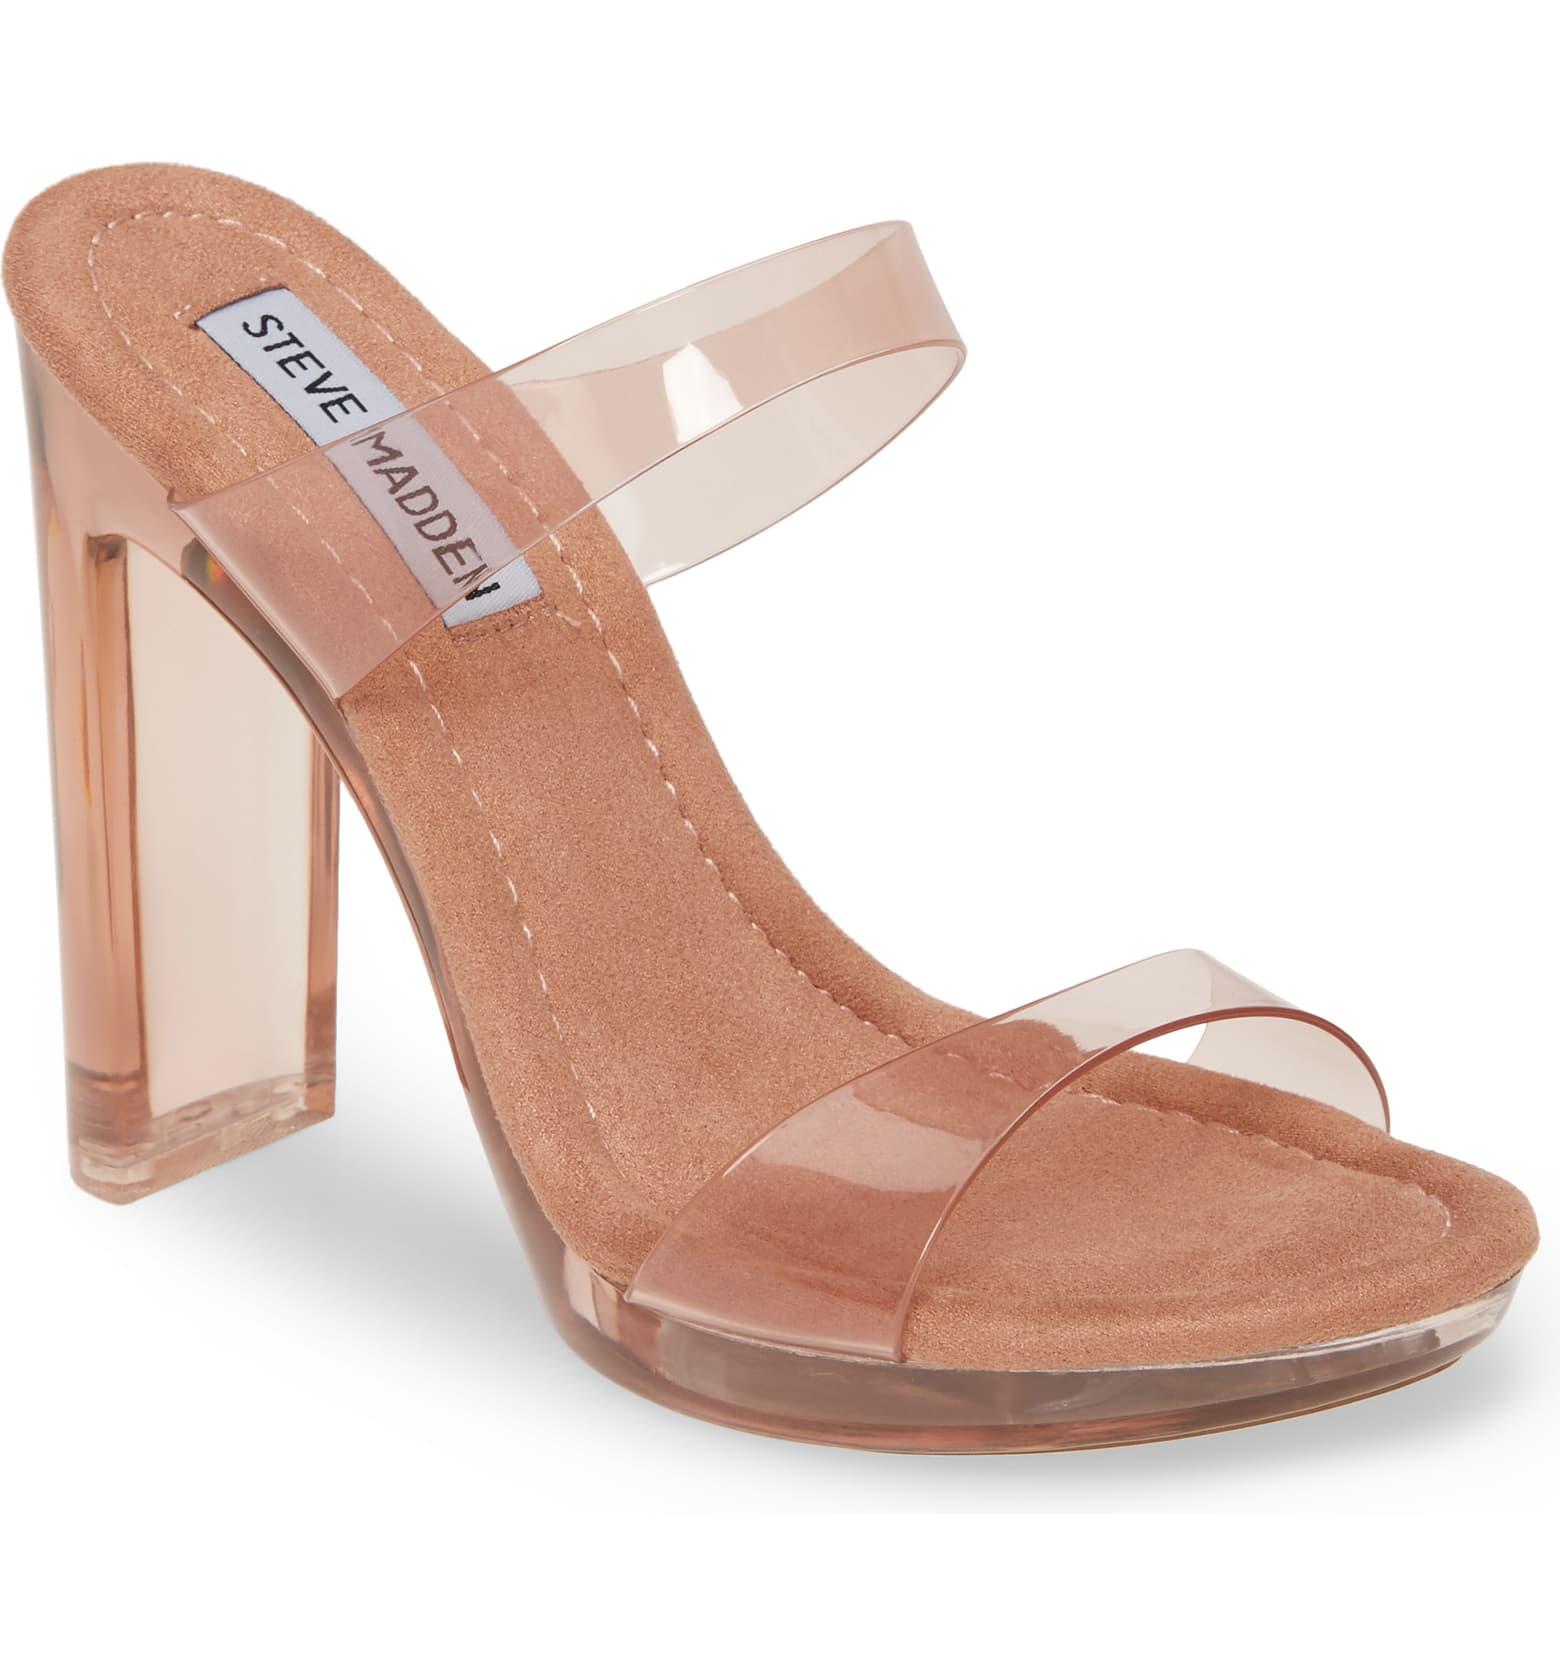 tan glass sandal.jpg